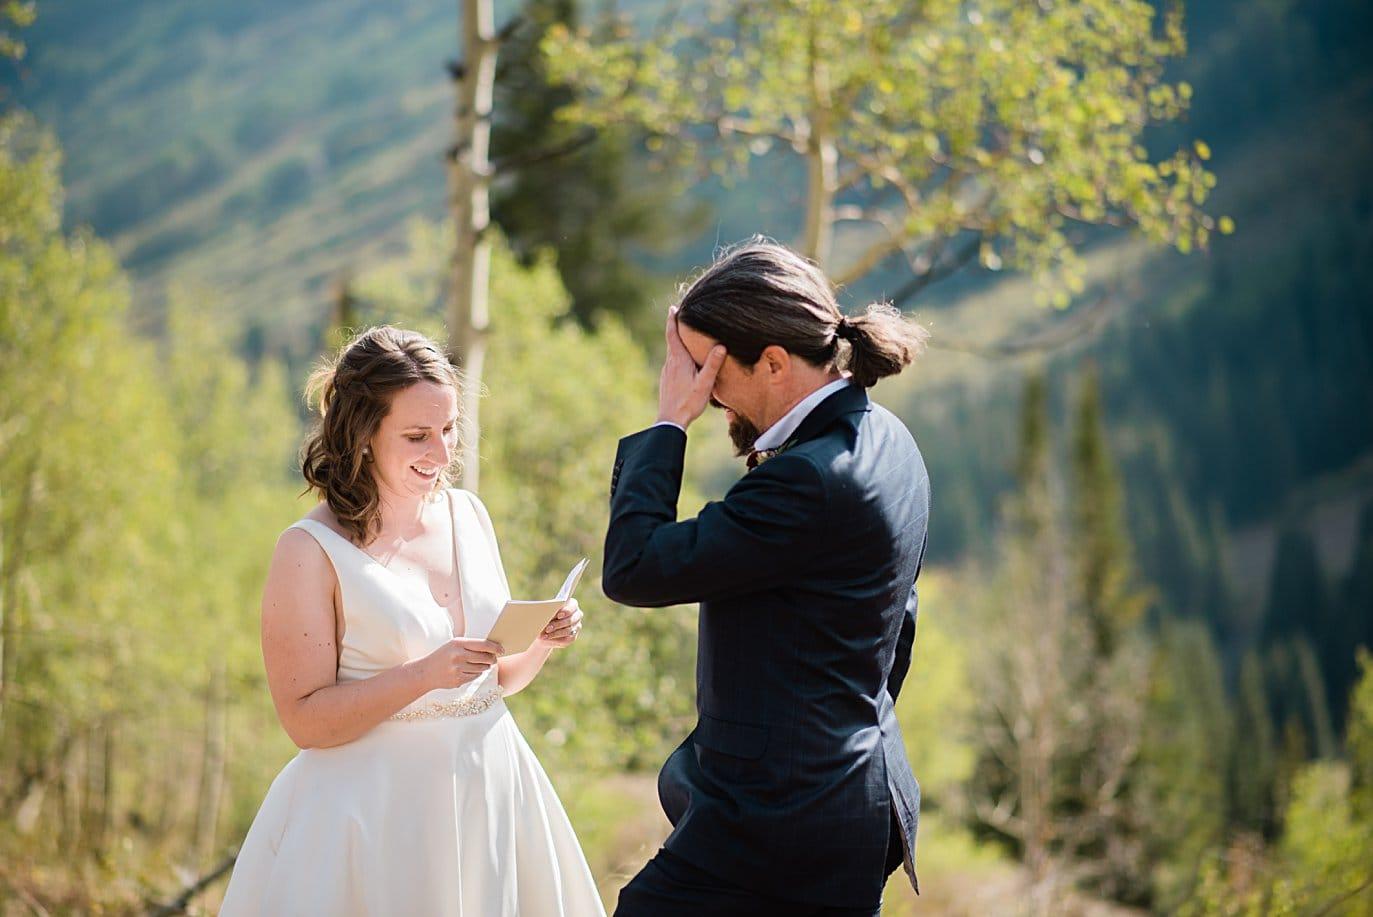 bride and groom laugh through wedding in Colorado by Colorado wedding photographer Jennie Crate